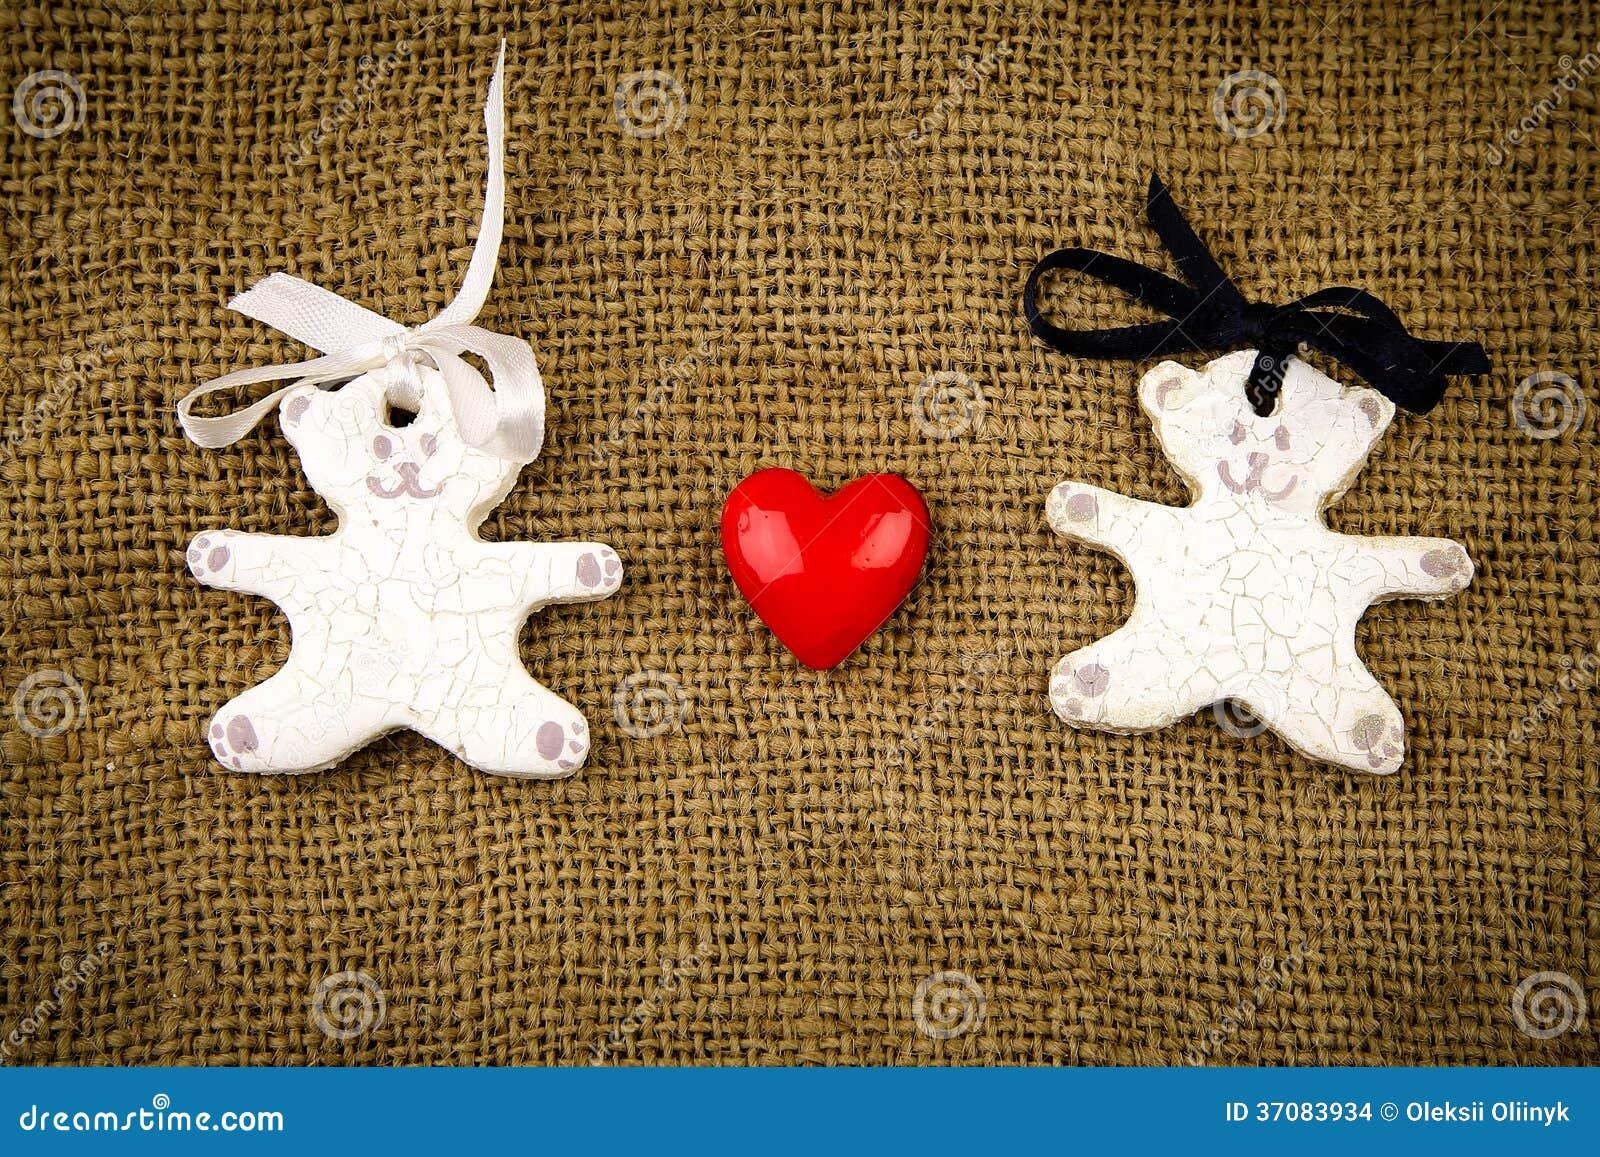 Download Dwa Białego Niedźwiedzia Z Czerwonym Sercem Na Grabije Tle Zdjęcie Stock - Obraz złożonej z heart, czerwień: 37083934